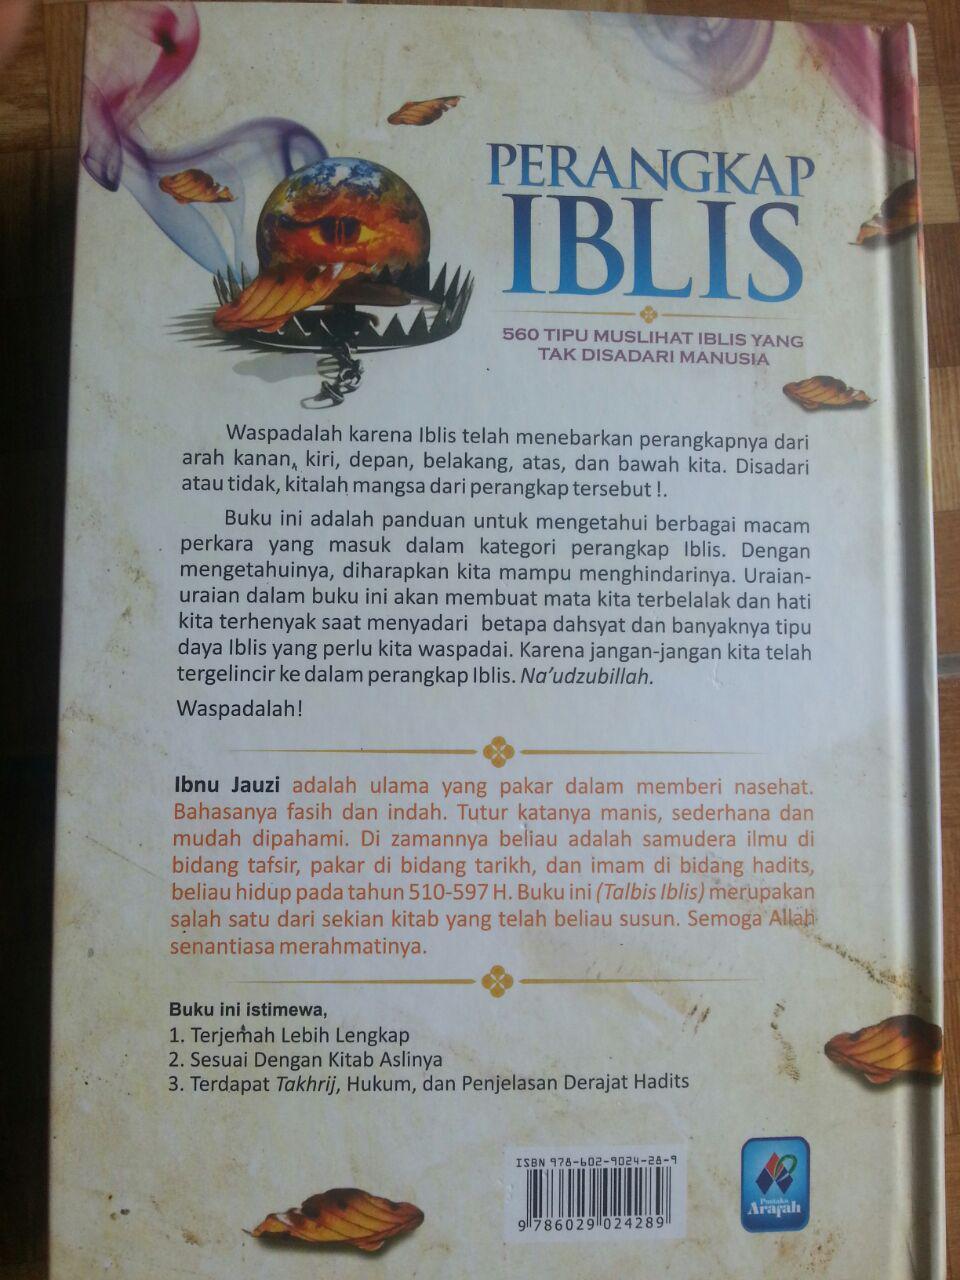 Buku Perangkap Iblis cover